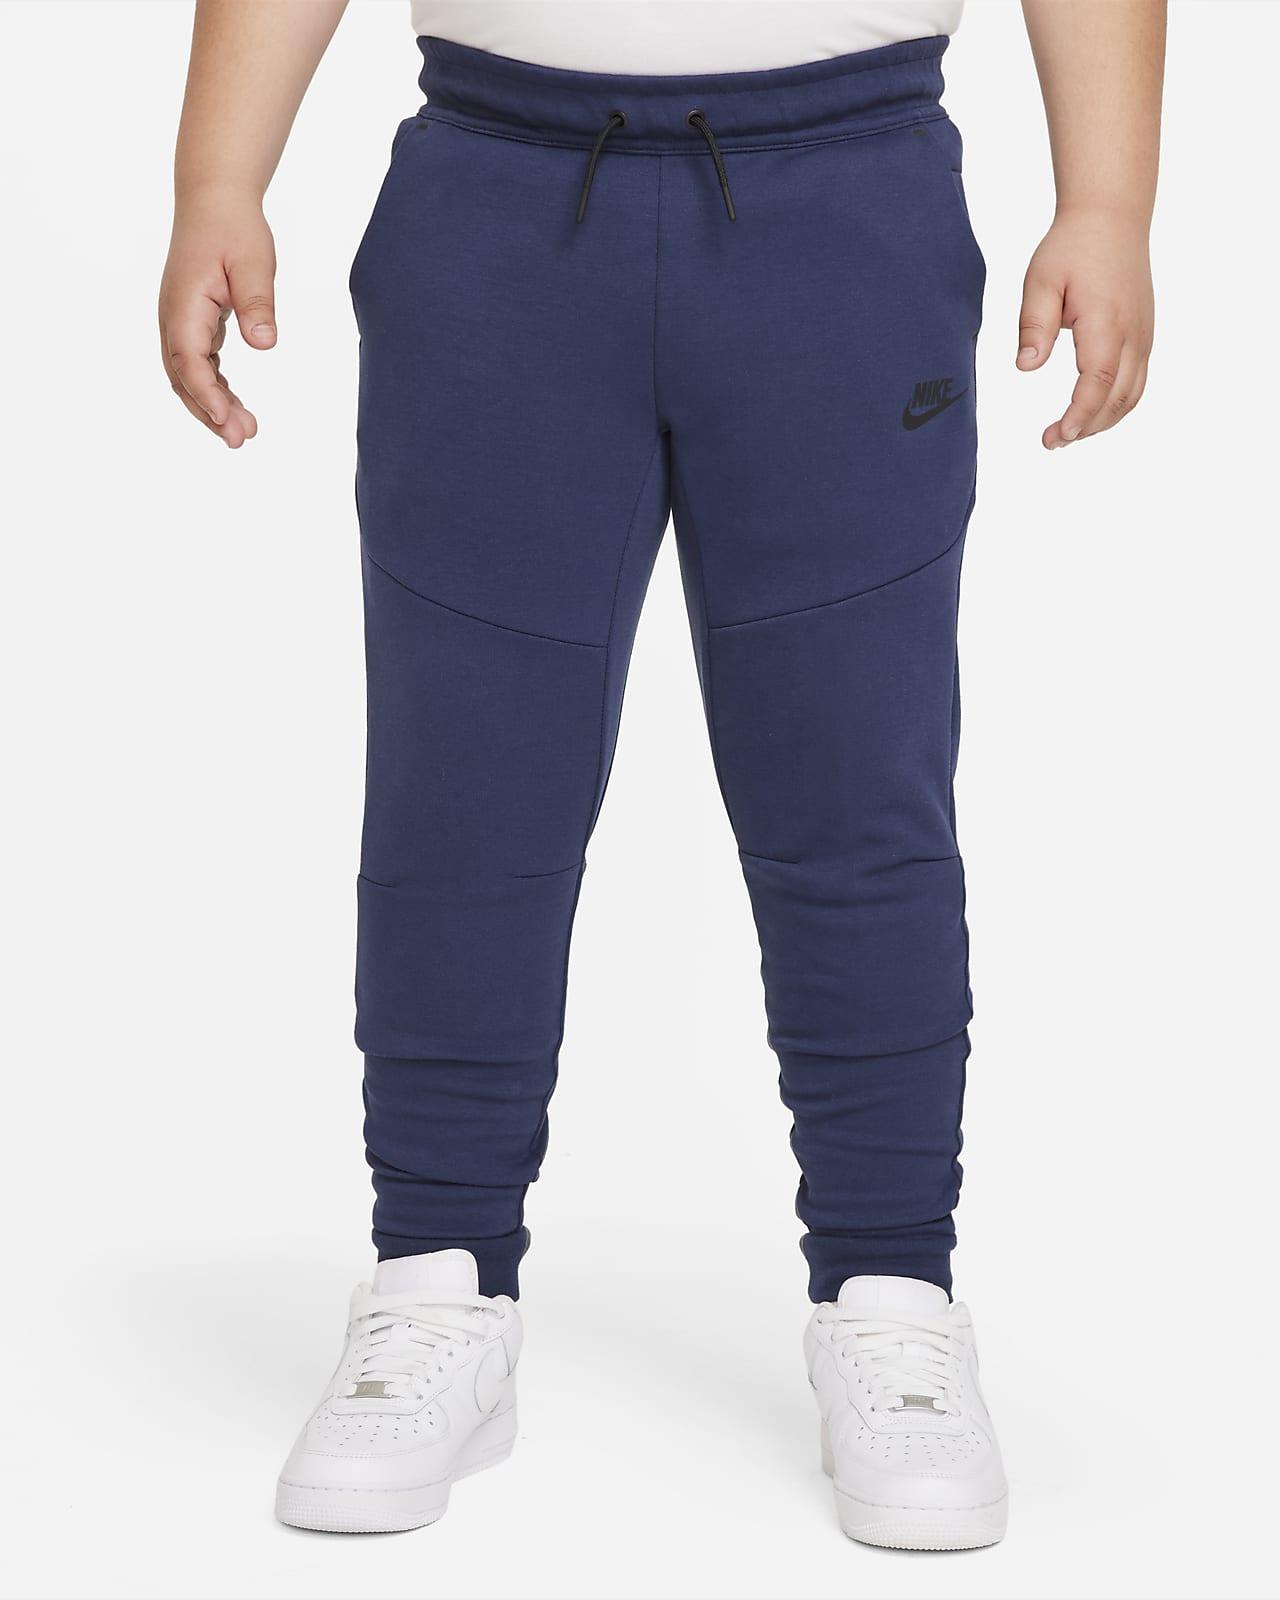 Nike Sportswear Tech Fleece Big Kids' (Boys') Pants (Extended Size)